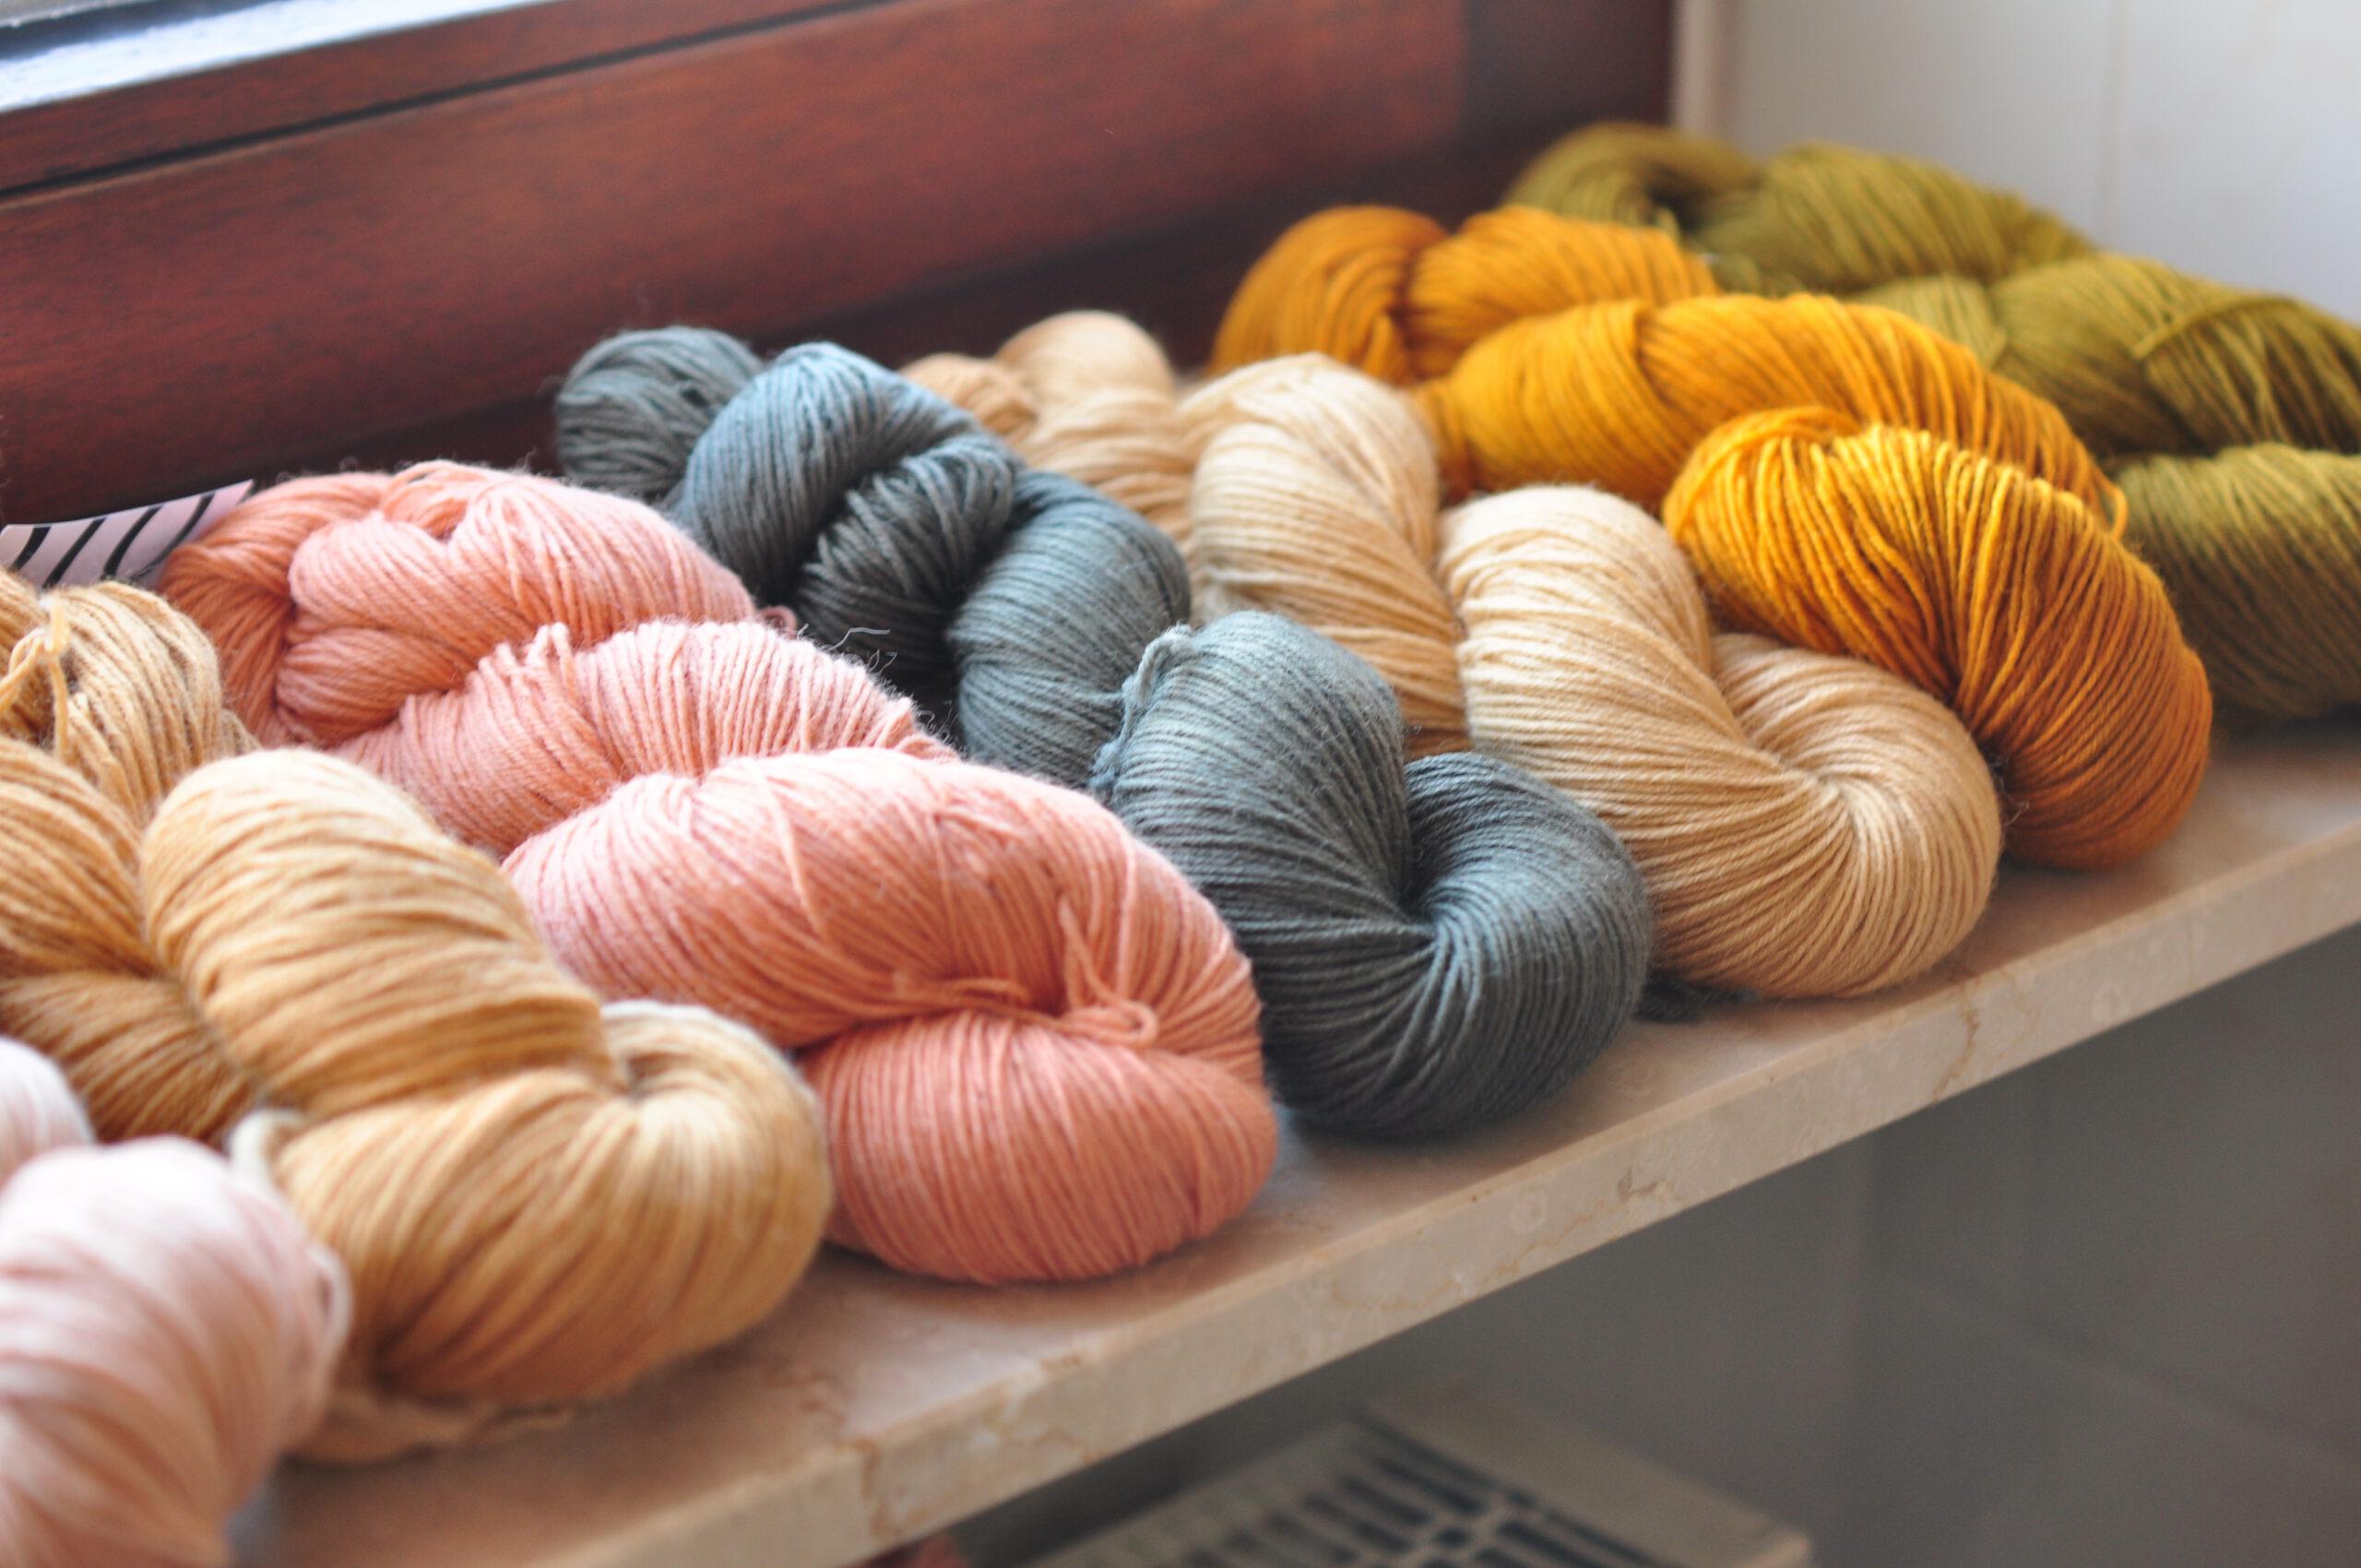 pilzgefärbte wolle, naturfarben, wolle färben mit pilzen, mushroomdye